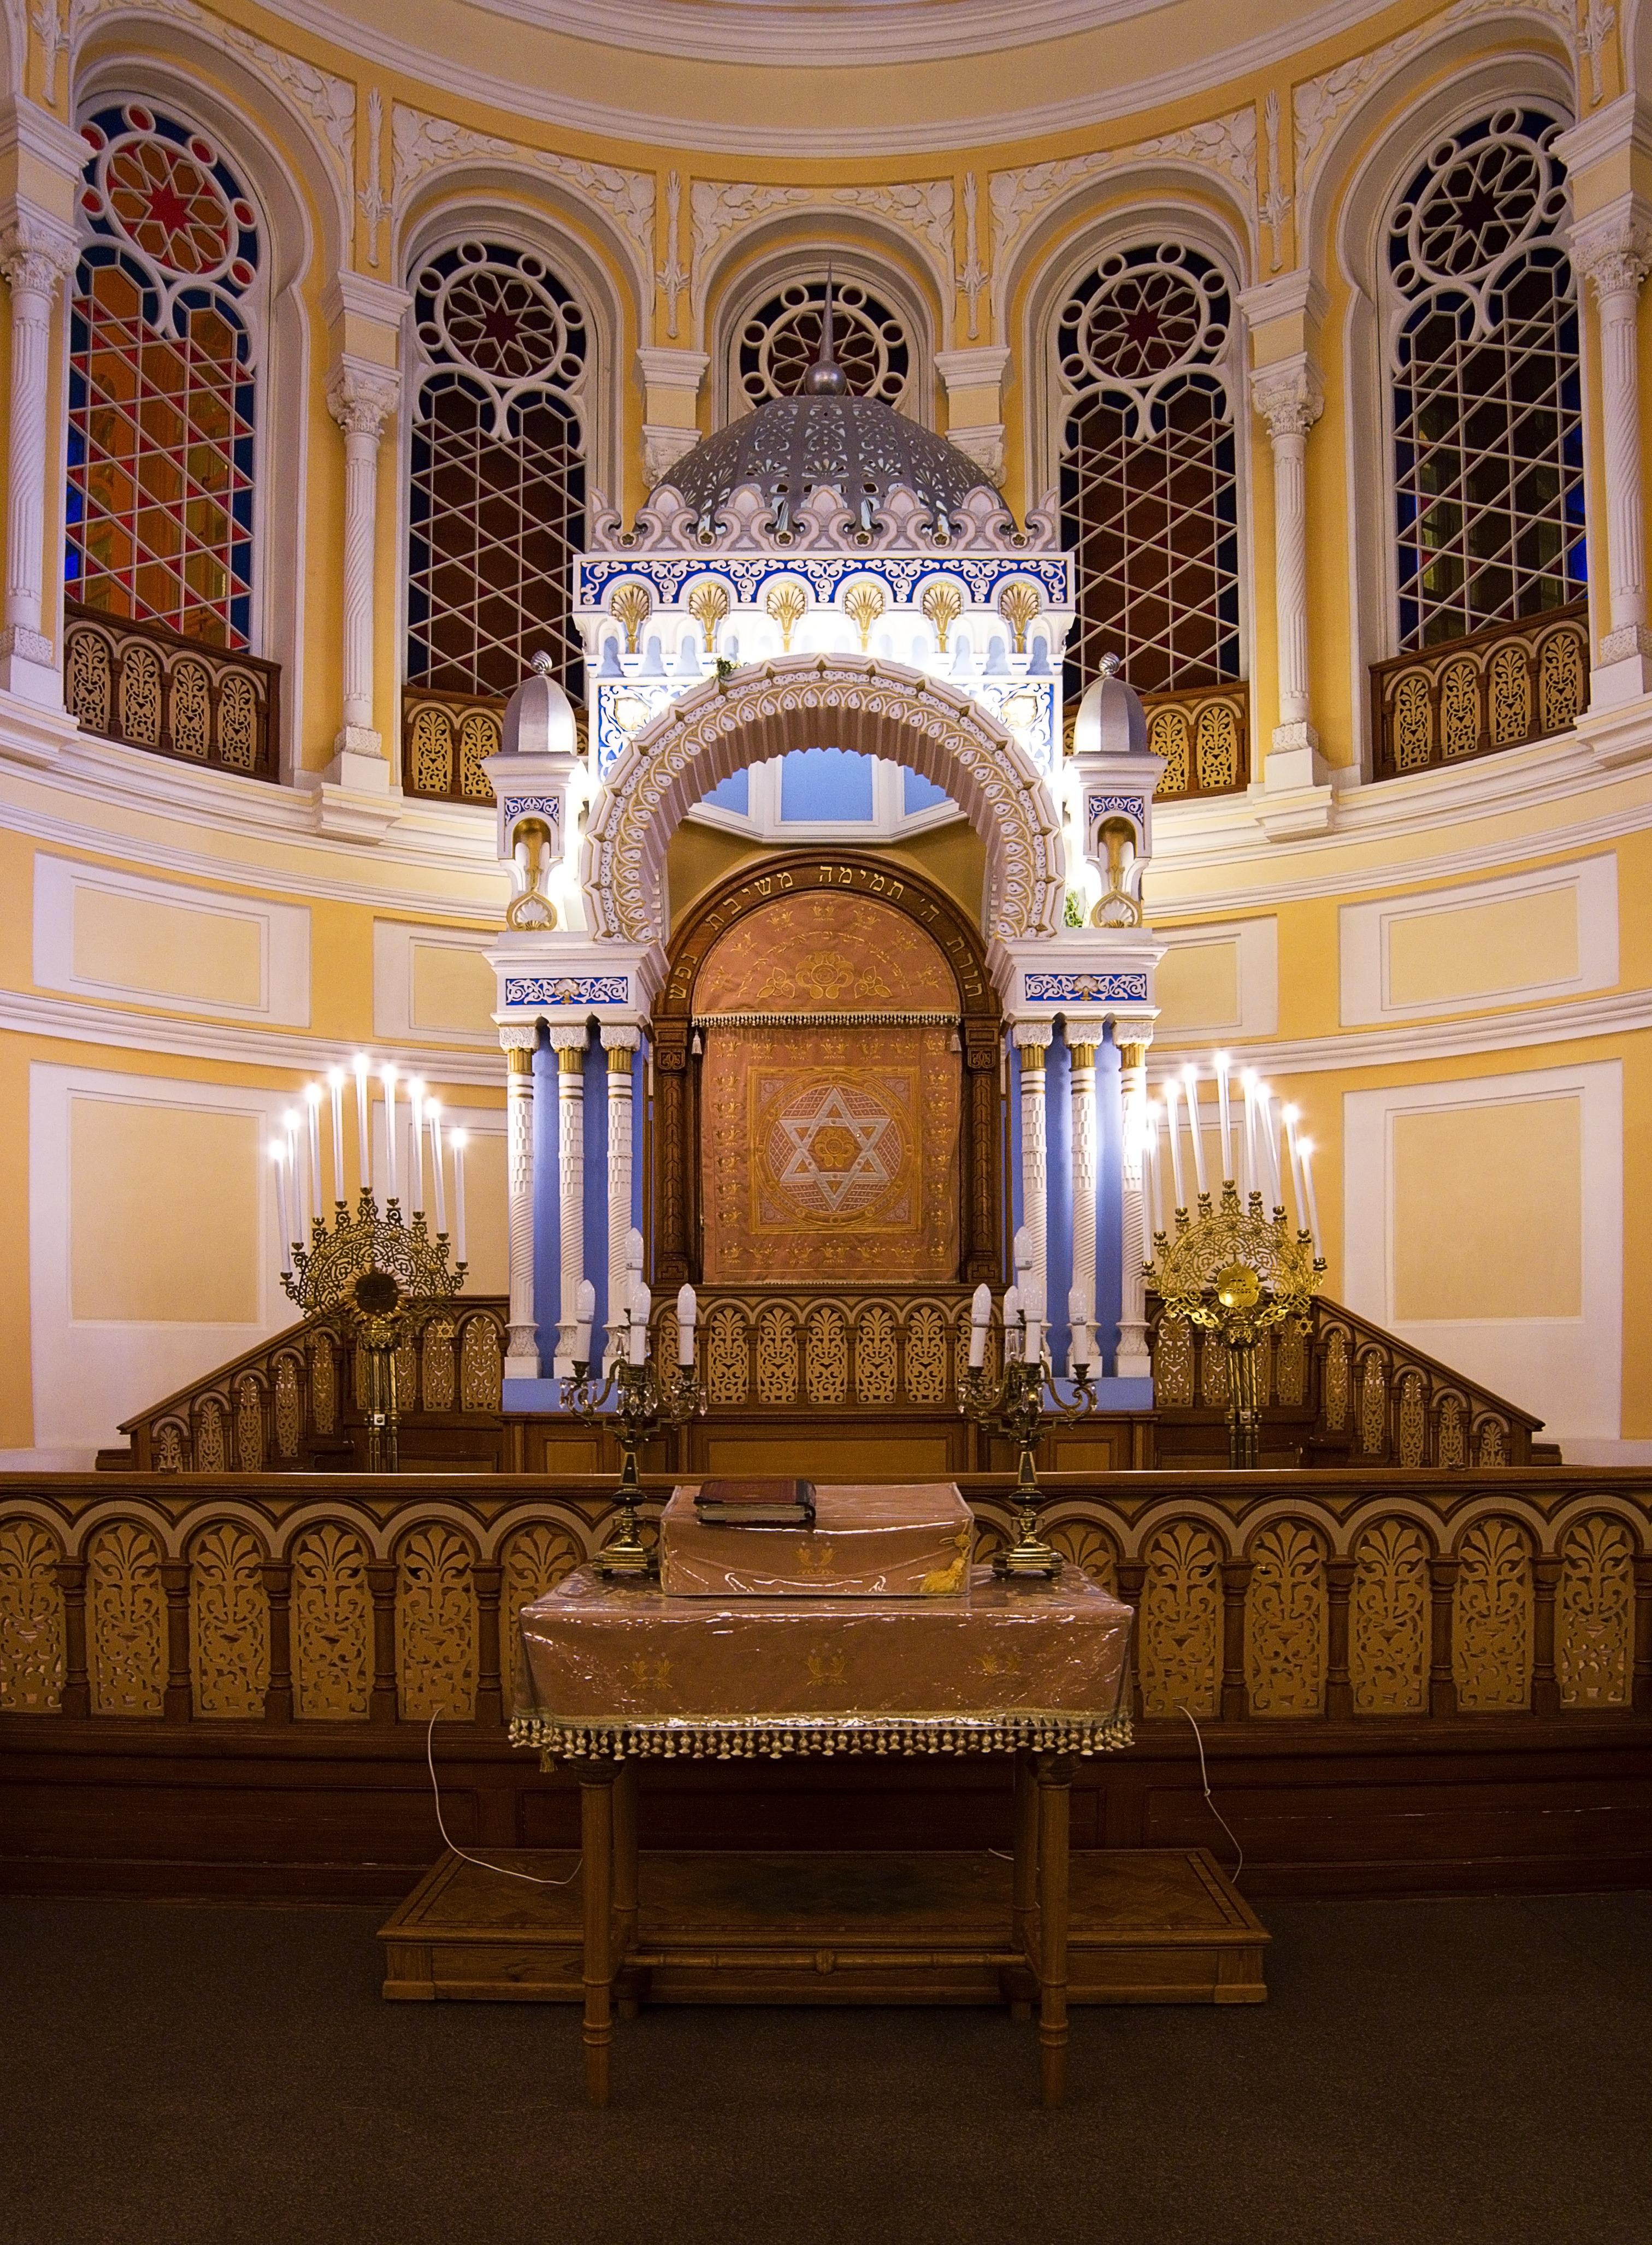 Sinagog için en iyi tarif